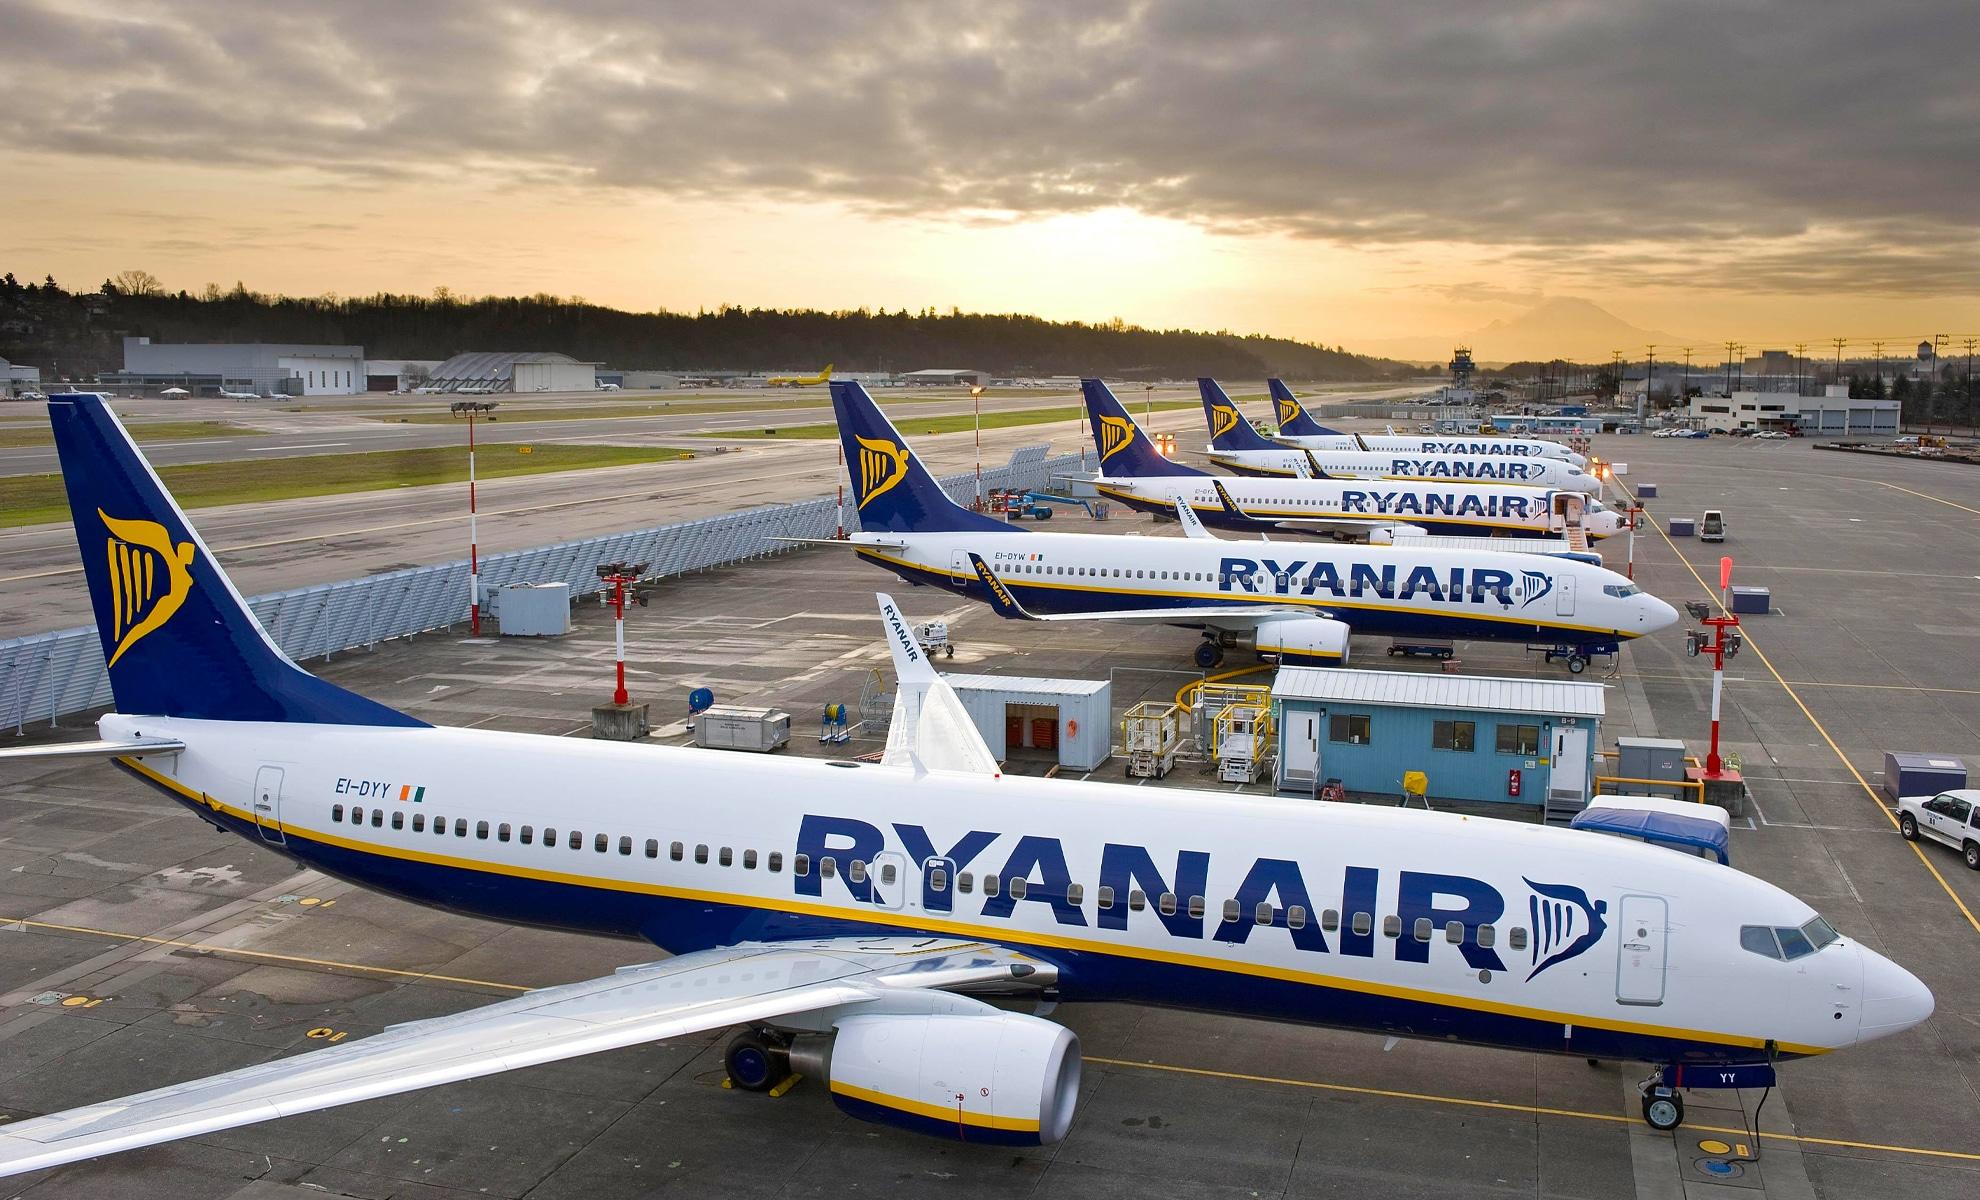 Ryanair propose des vols à très bas prix depuis la France vers le Maroc